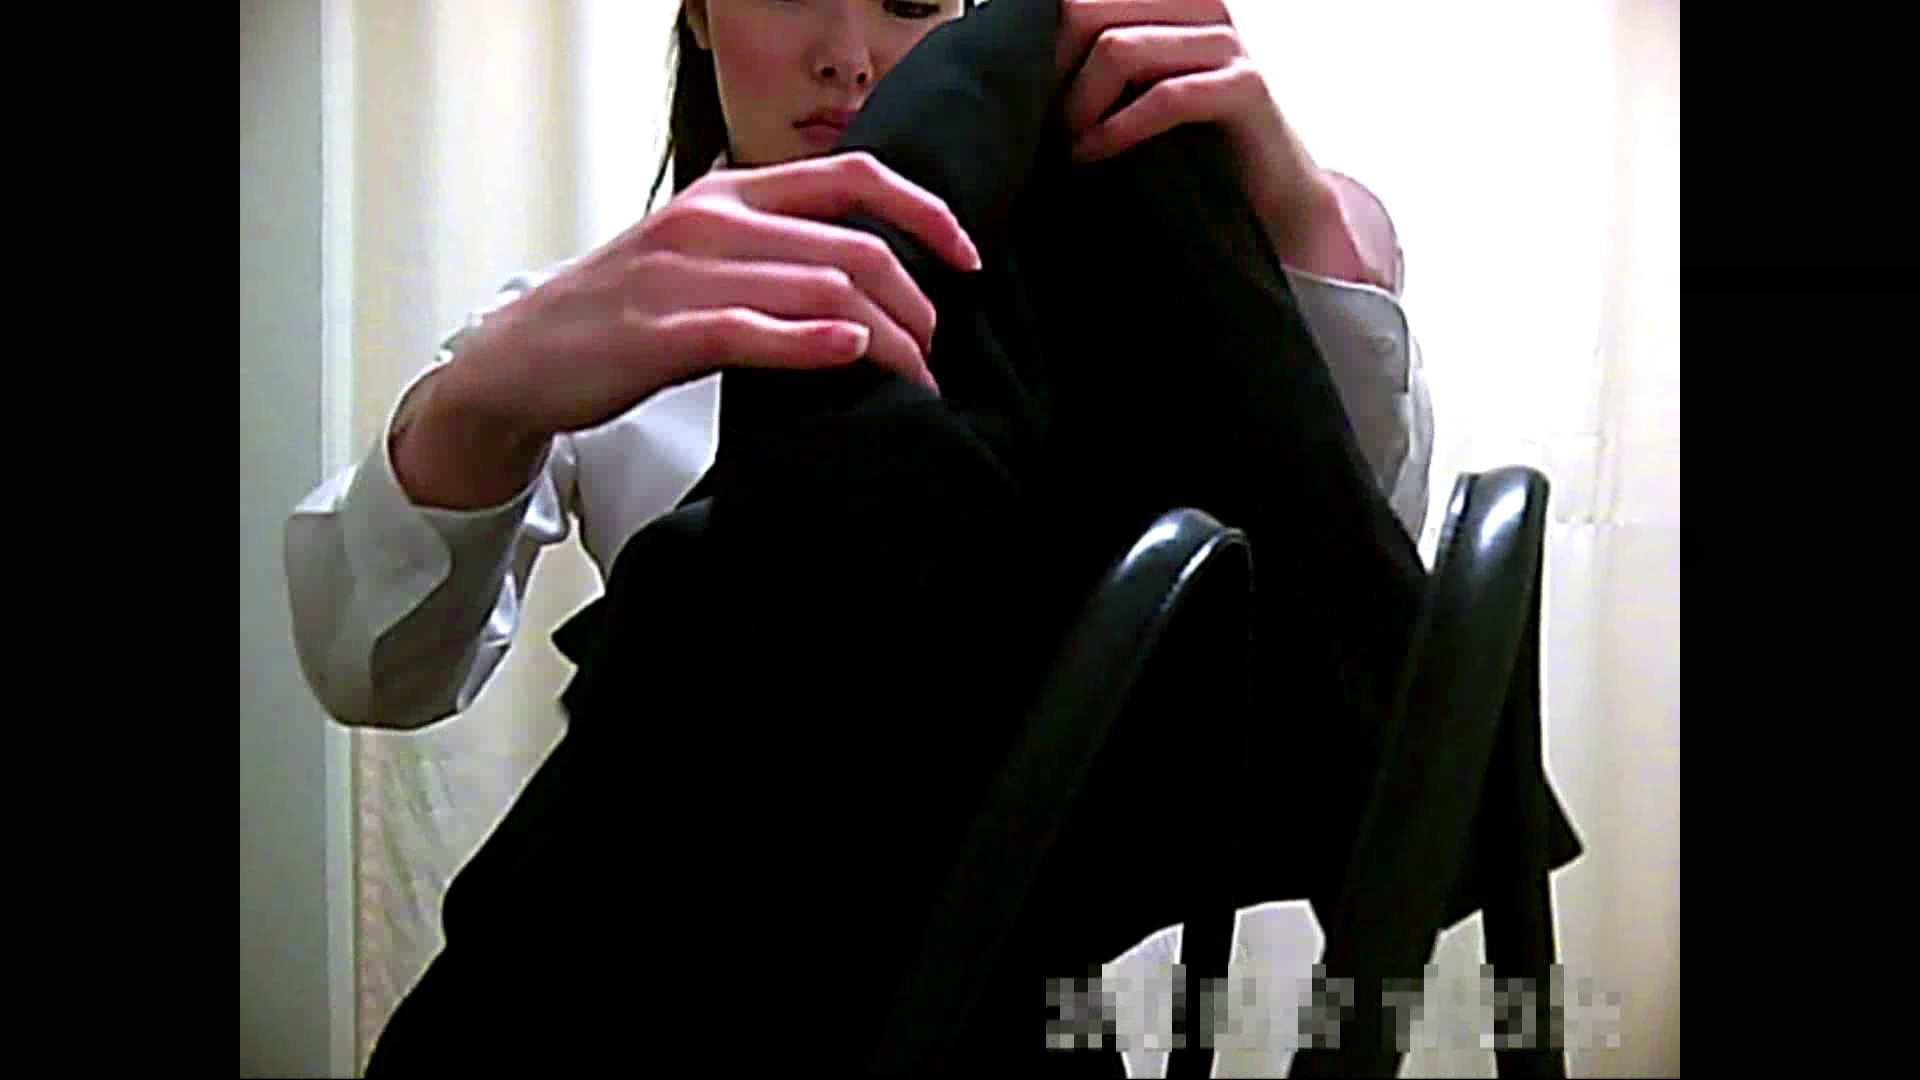 元医者による反抗 更衣室地獄絵巻 vol.003 OL女体  91連発 18